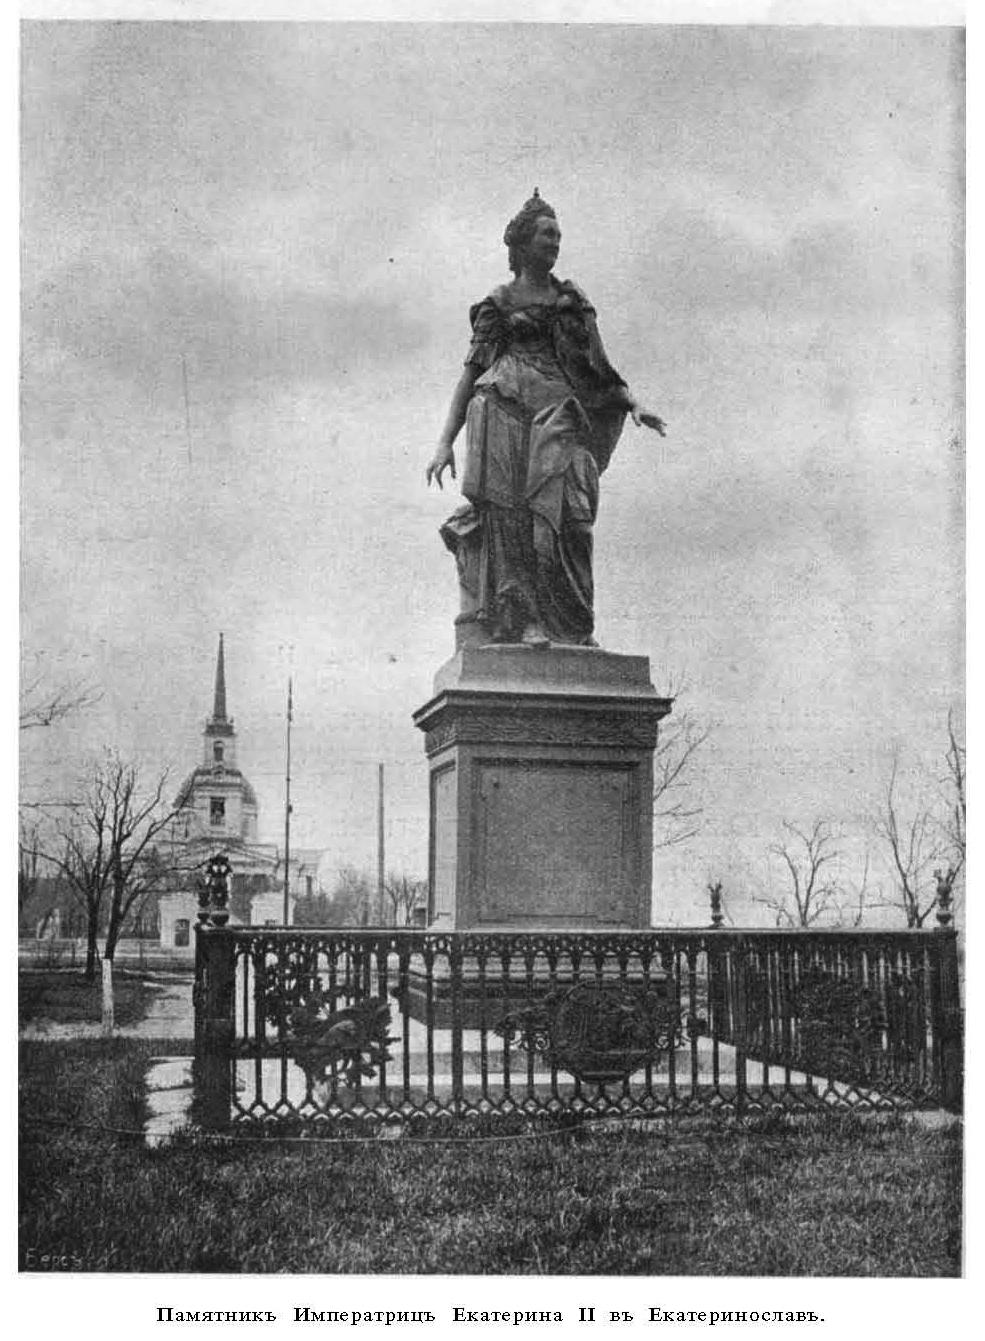 Памятник Императрице Екатерине II в Екатеринославе